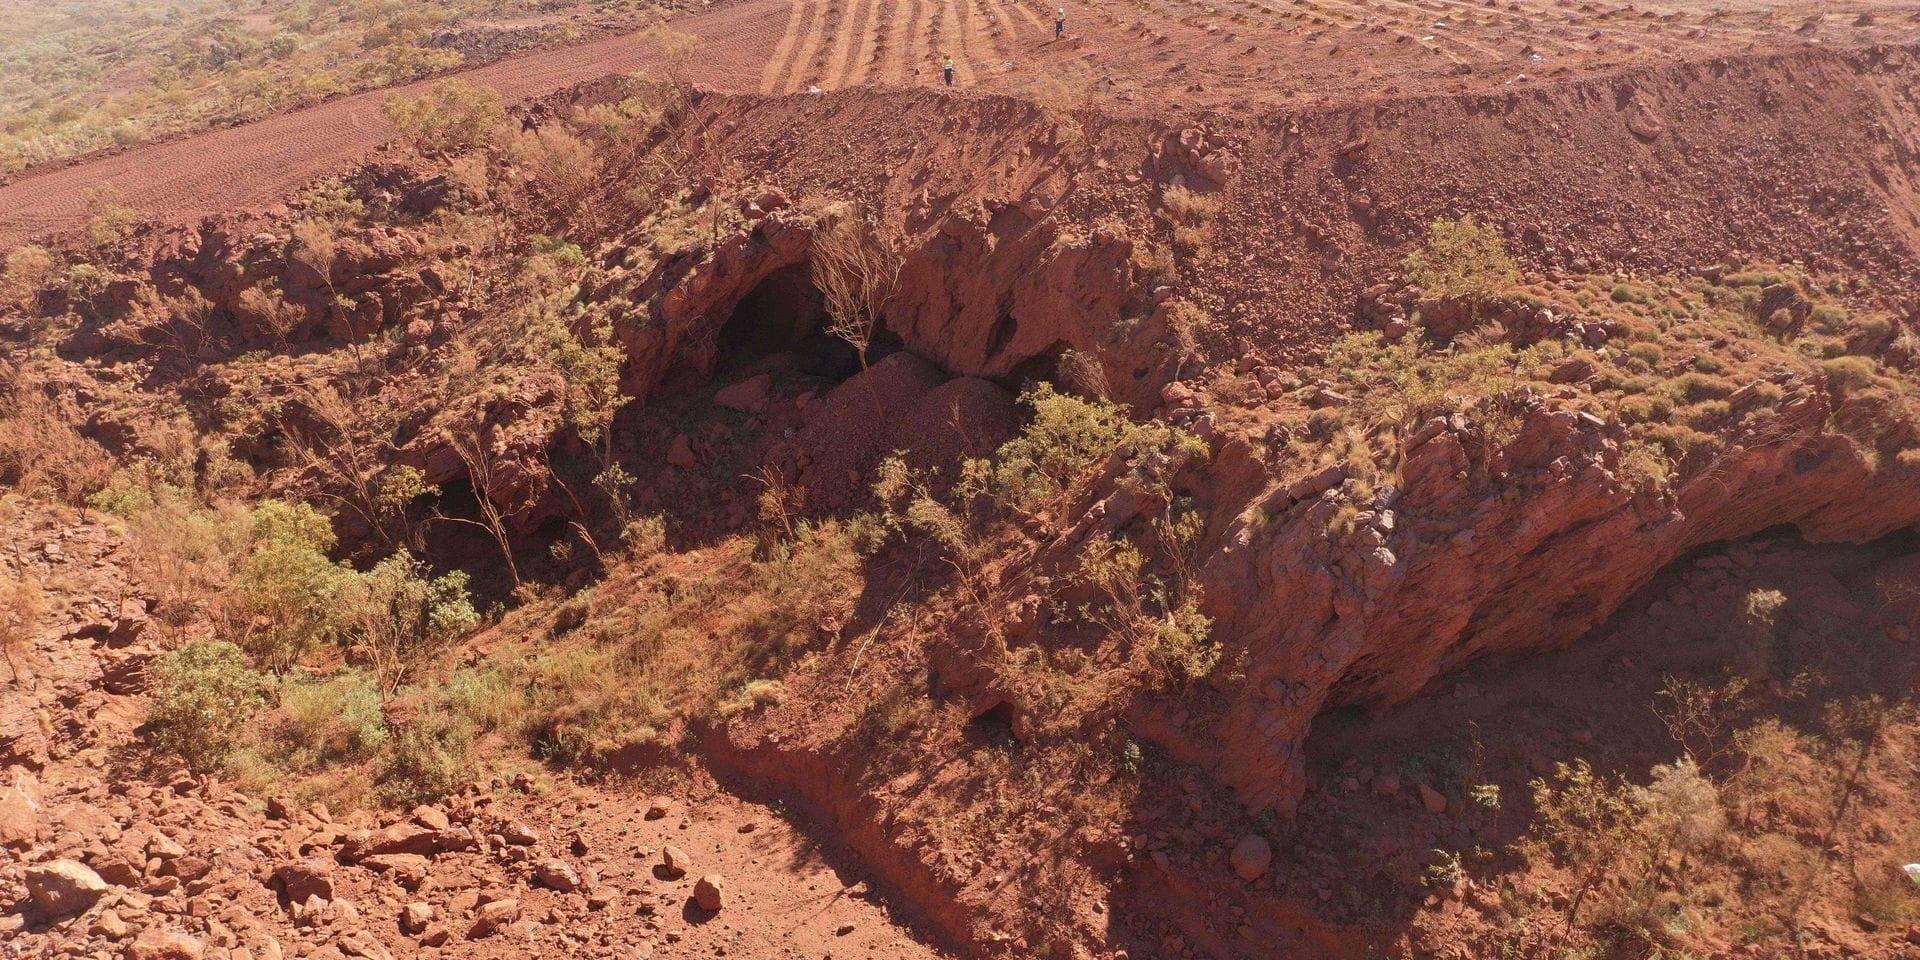 Australie: le géant minier Rio Tinto s'excuse après avoir détruit un site aborigène à l'explosif